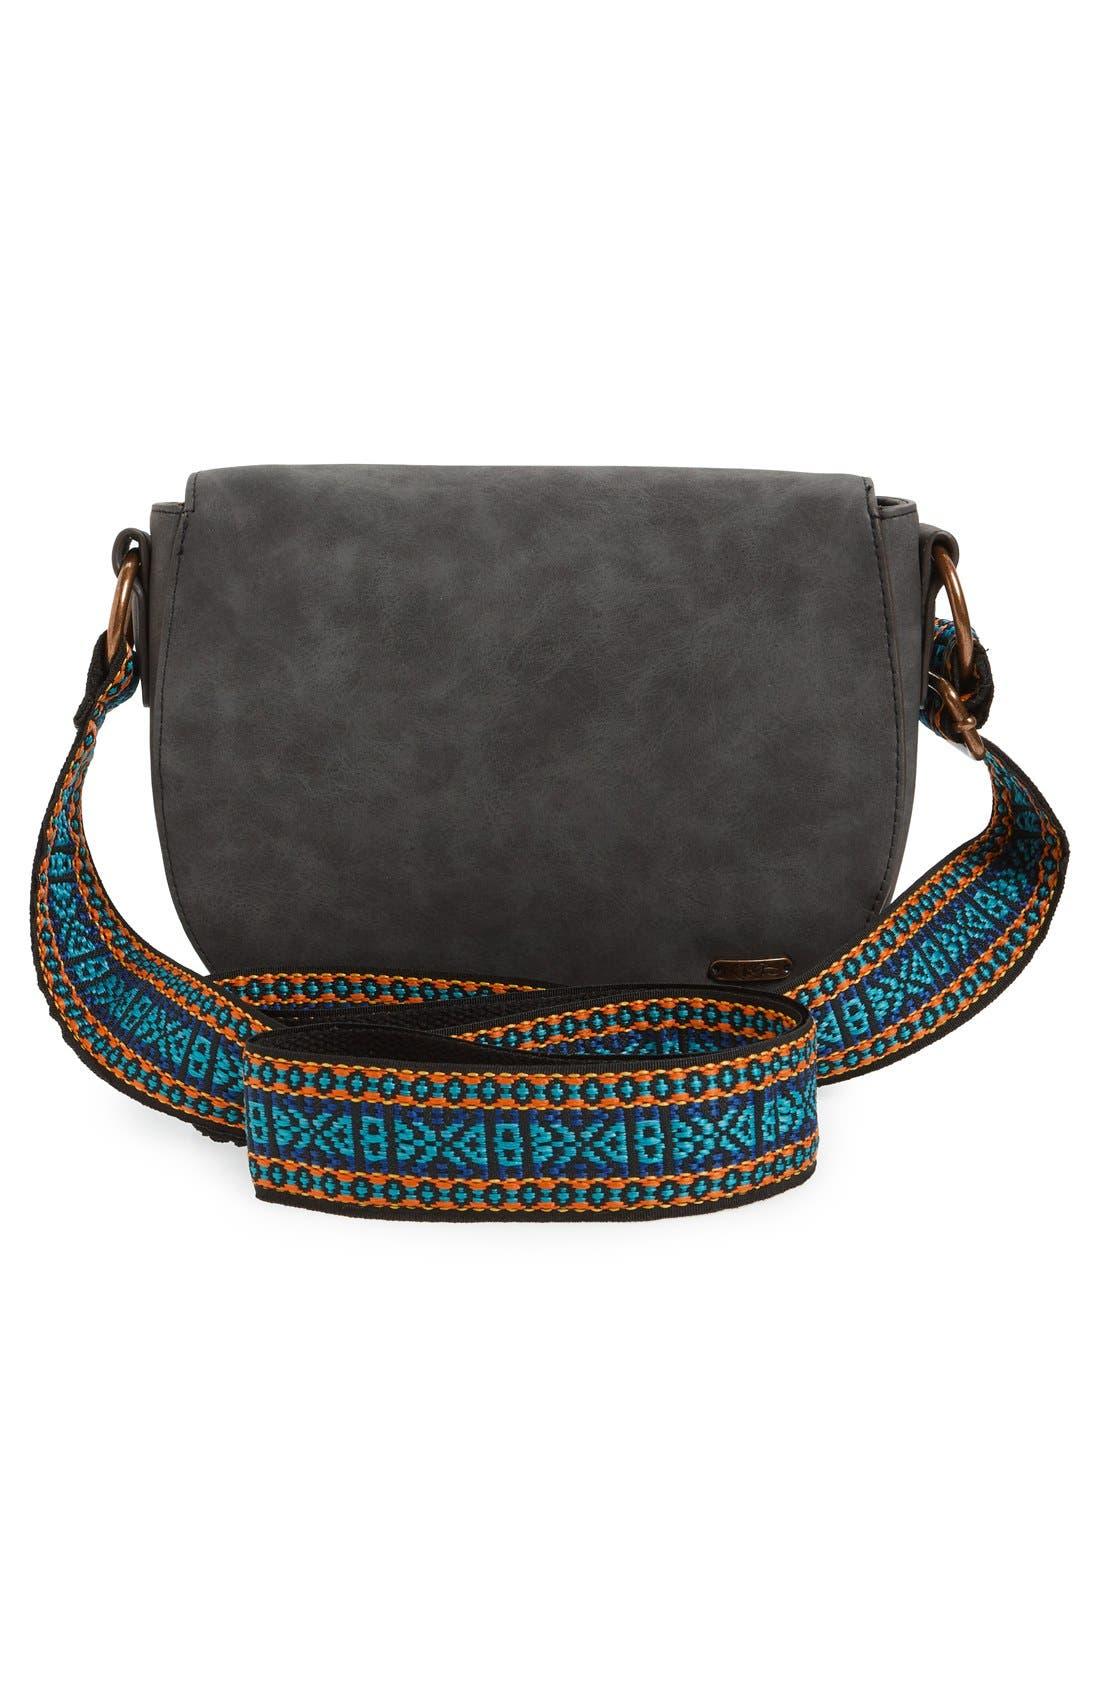 Alternate Image 3  - Elle & Jae Gypset 'Marrakesh' Faux Suede Crossbody Bag